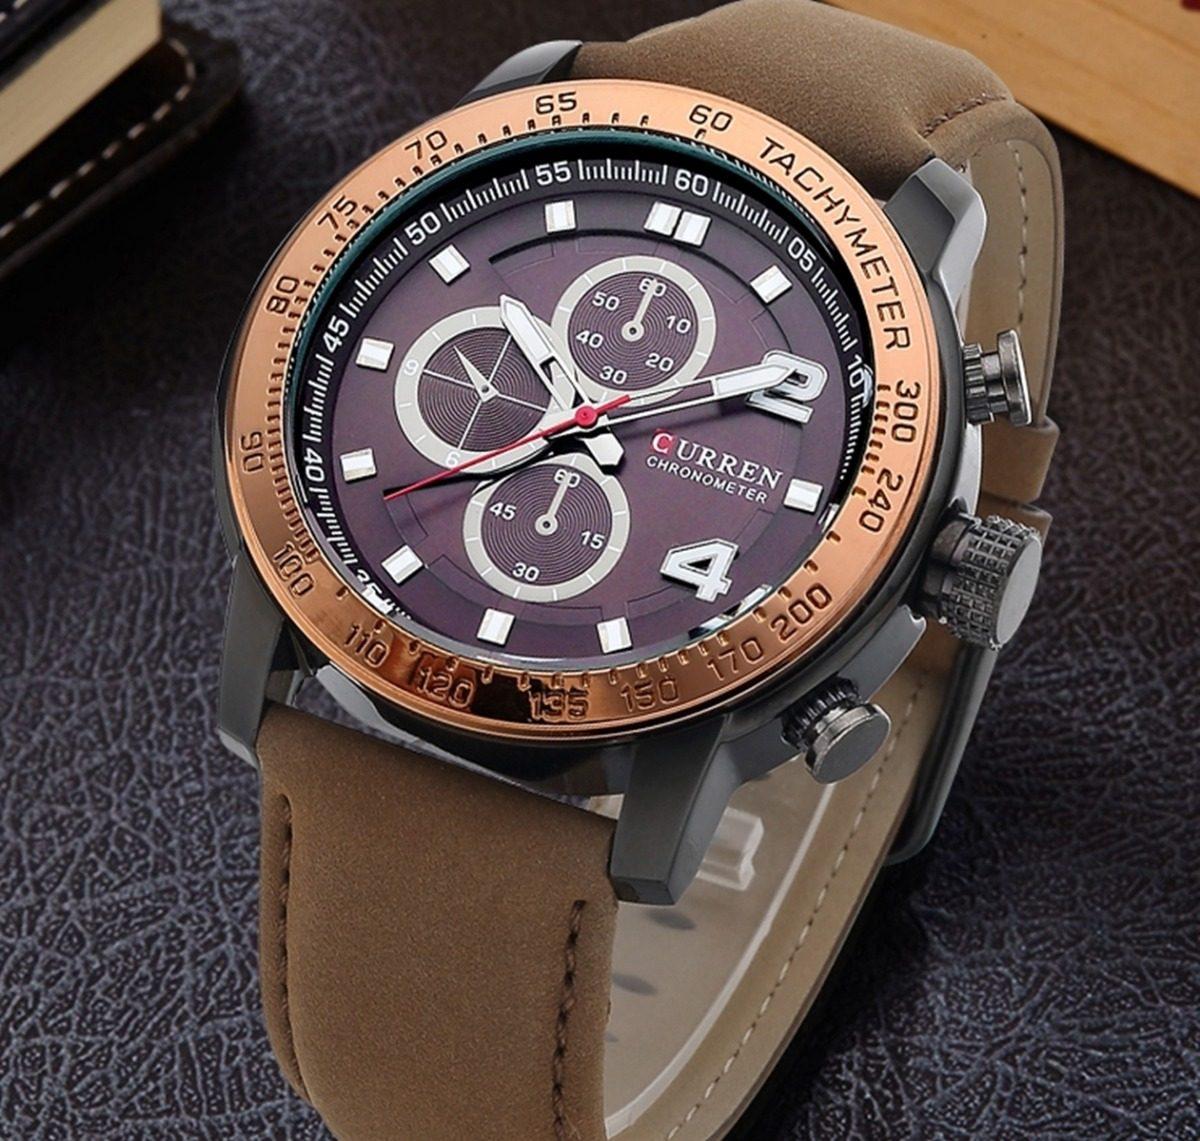 a76f4a70eca Relógio Masculino Curren 8190 Pulseira Couro Quartzo Barato - R  85 ...